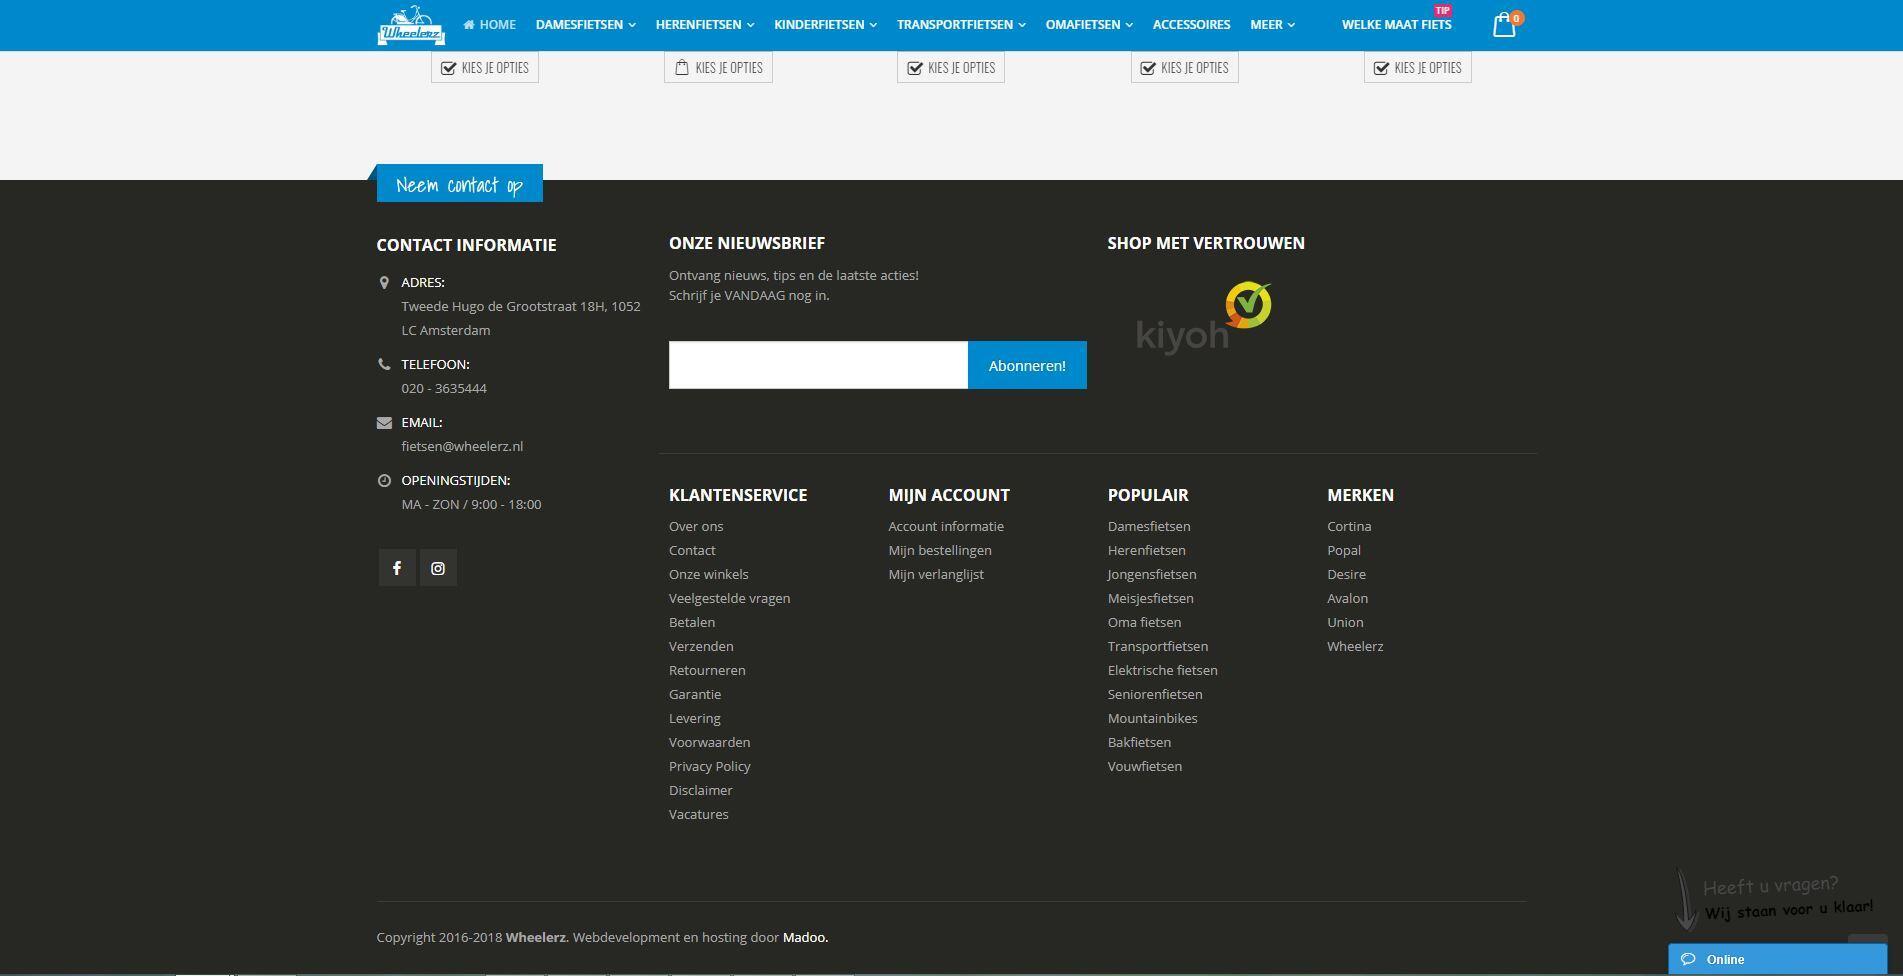 WooCommerce webshop voor Wheelerz fietsen Amsterdam